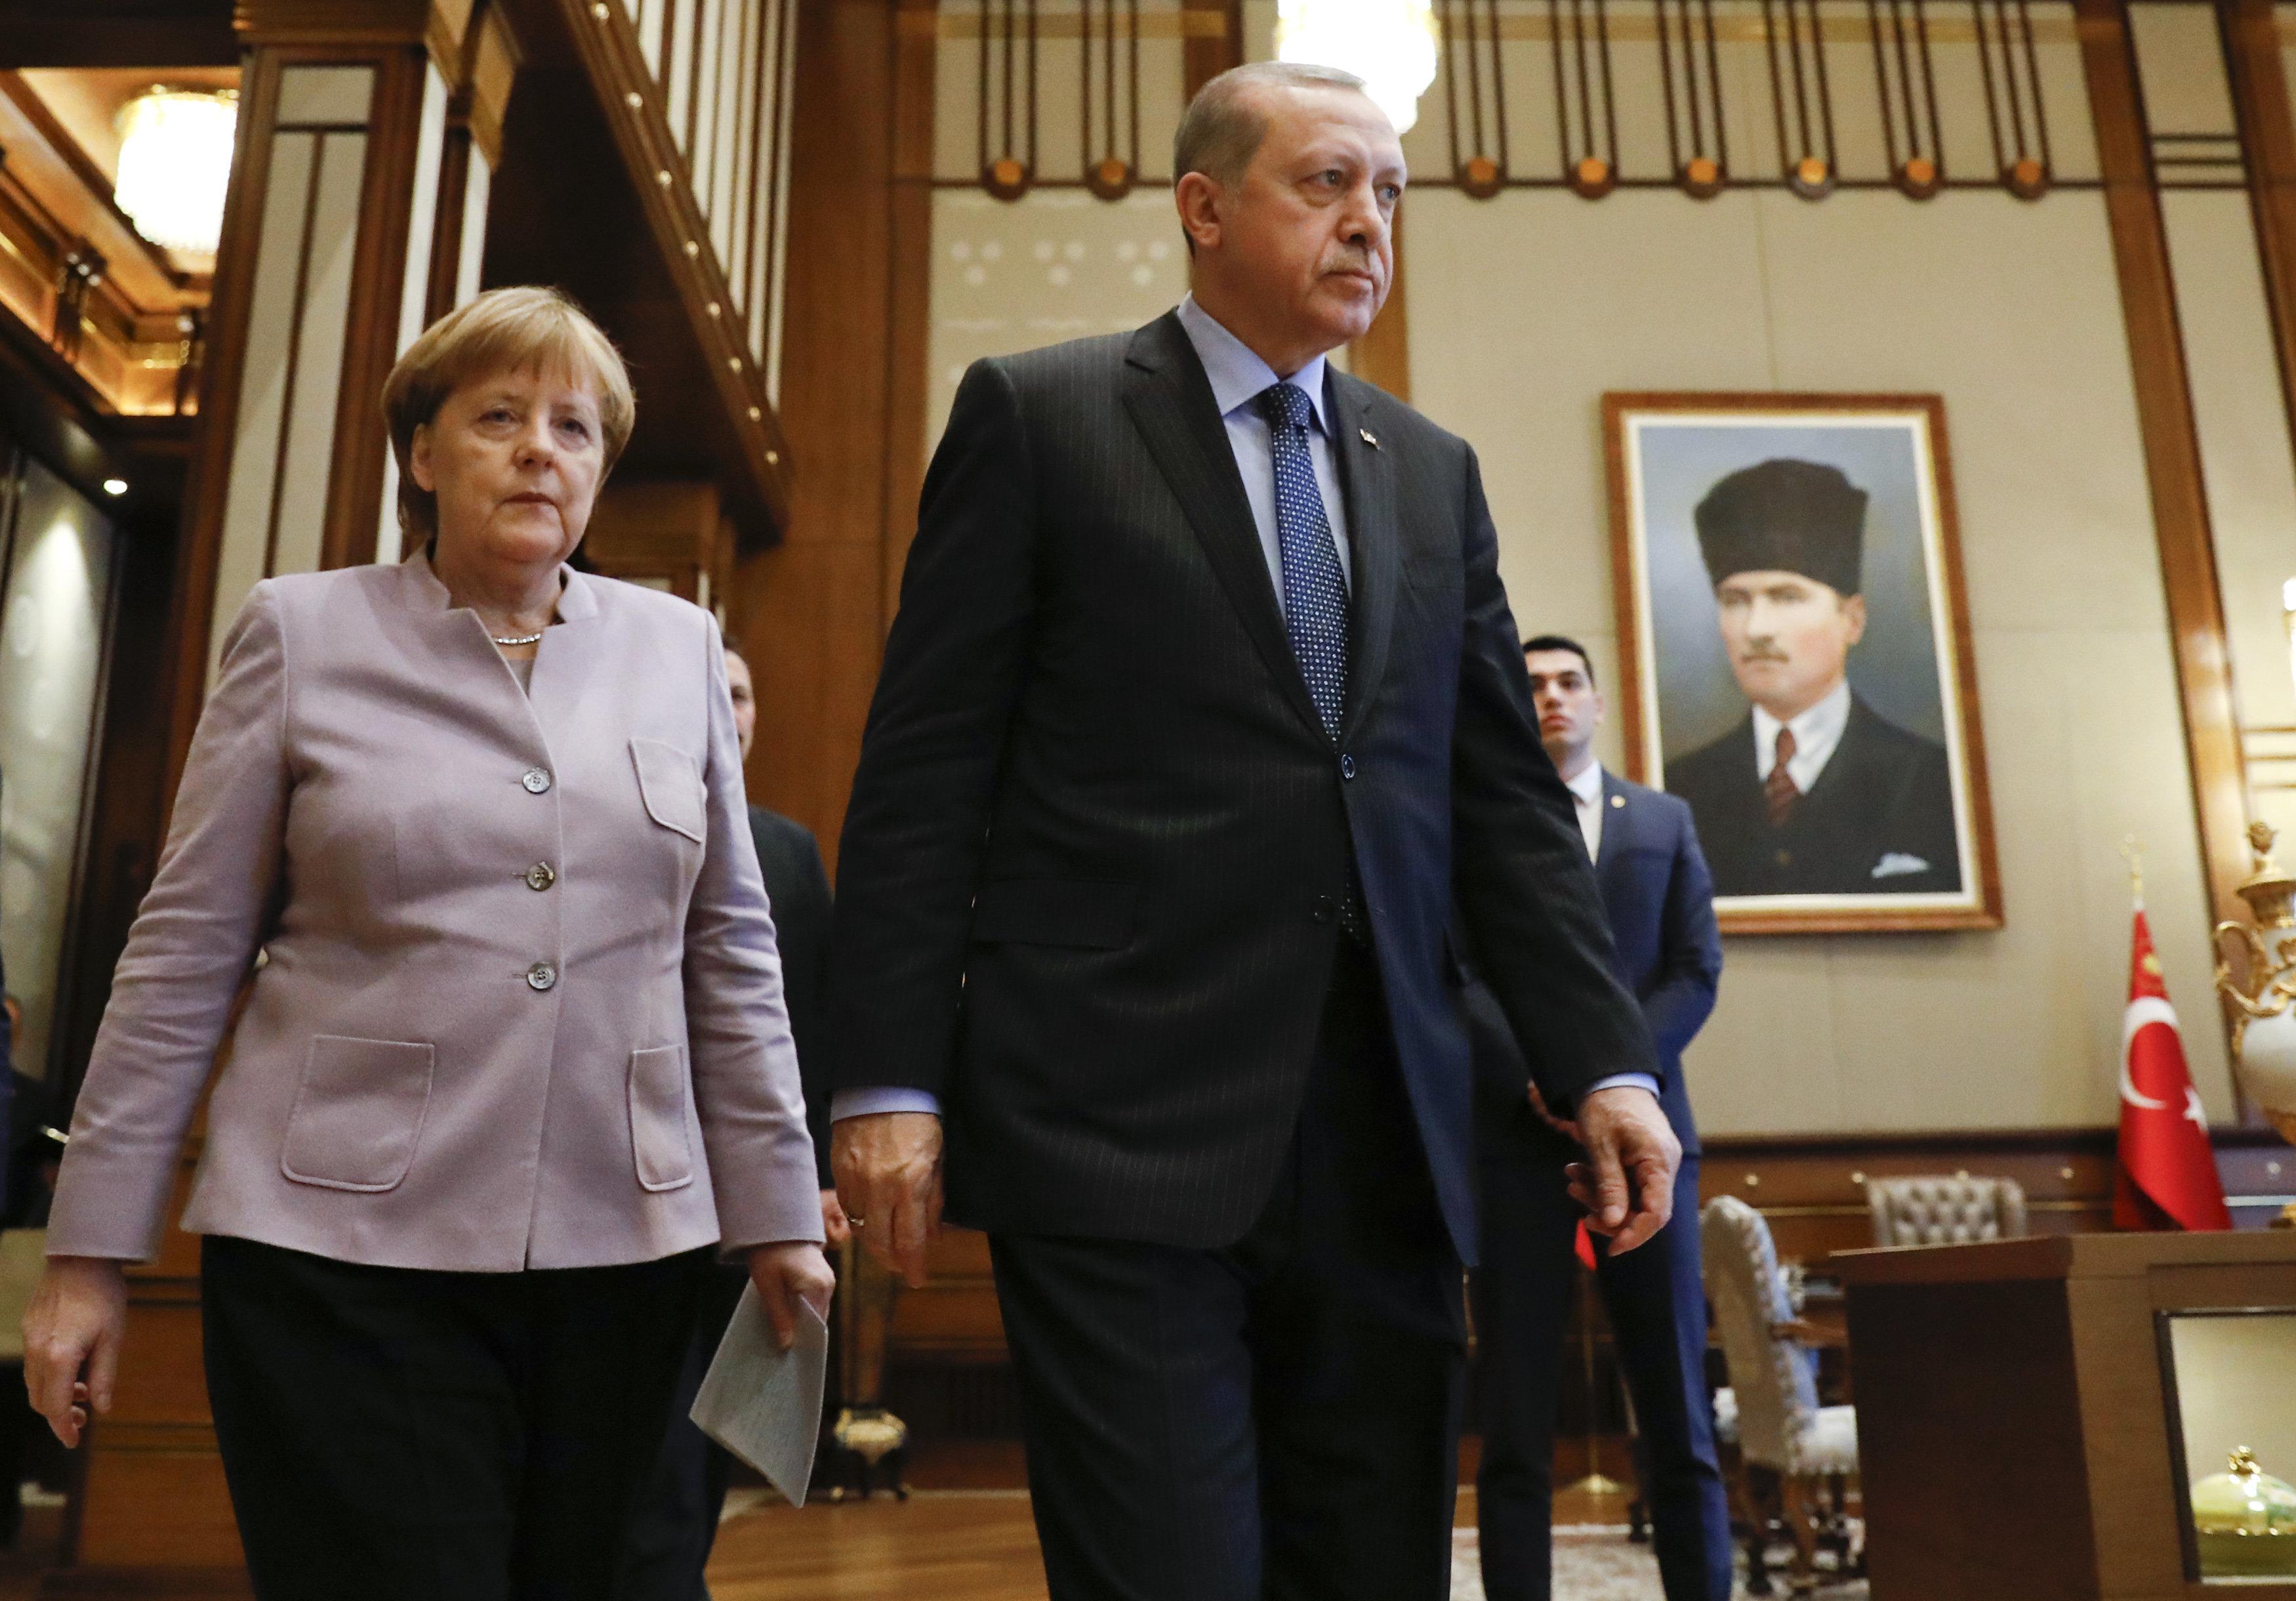 Finanz-Hilfe für Erdogan: Ein Wort zeigt, dass Merkel Option